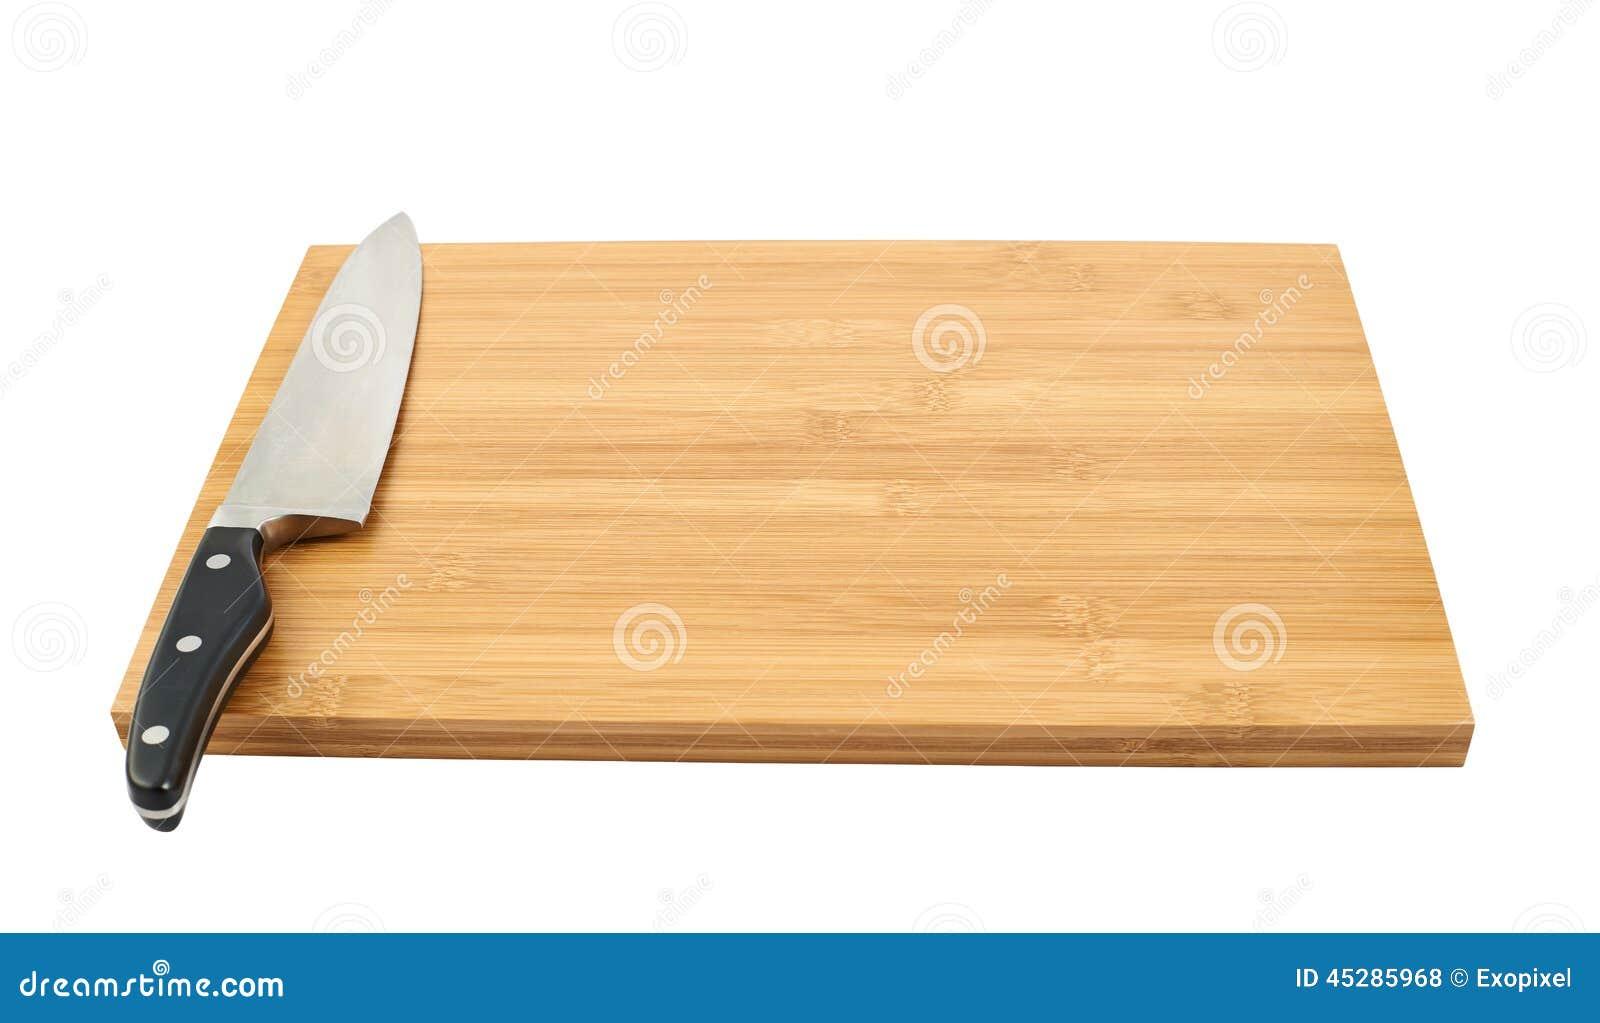 couteau de cuisine et planche a decouper